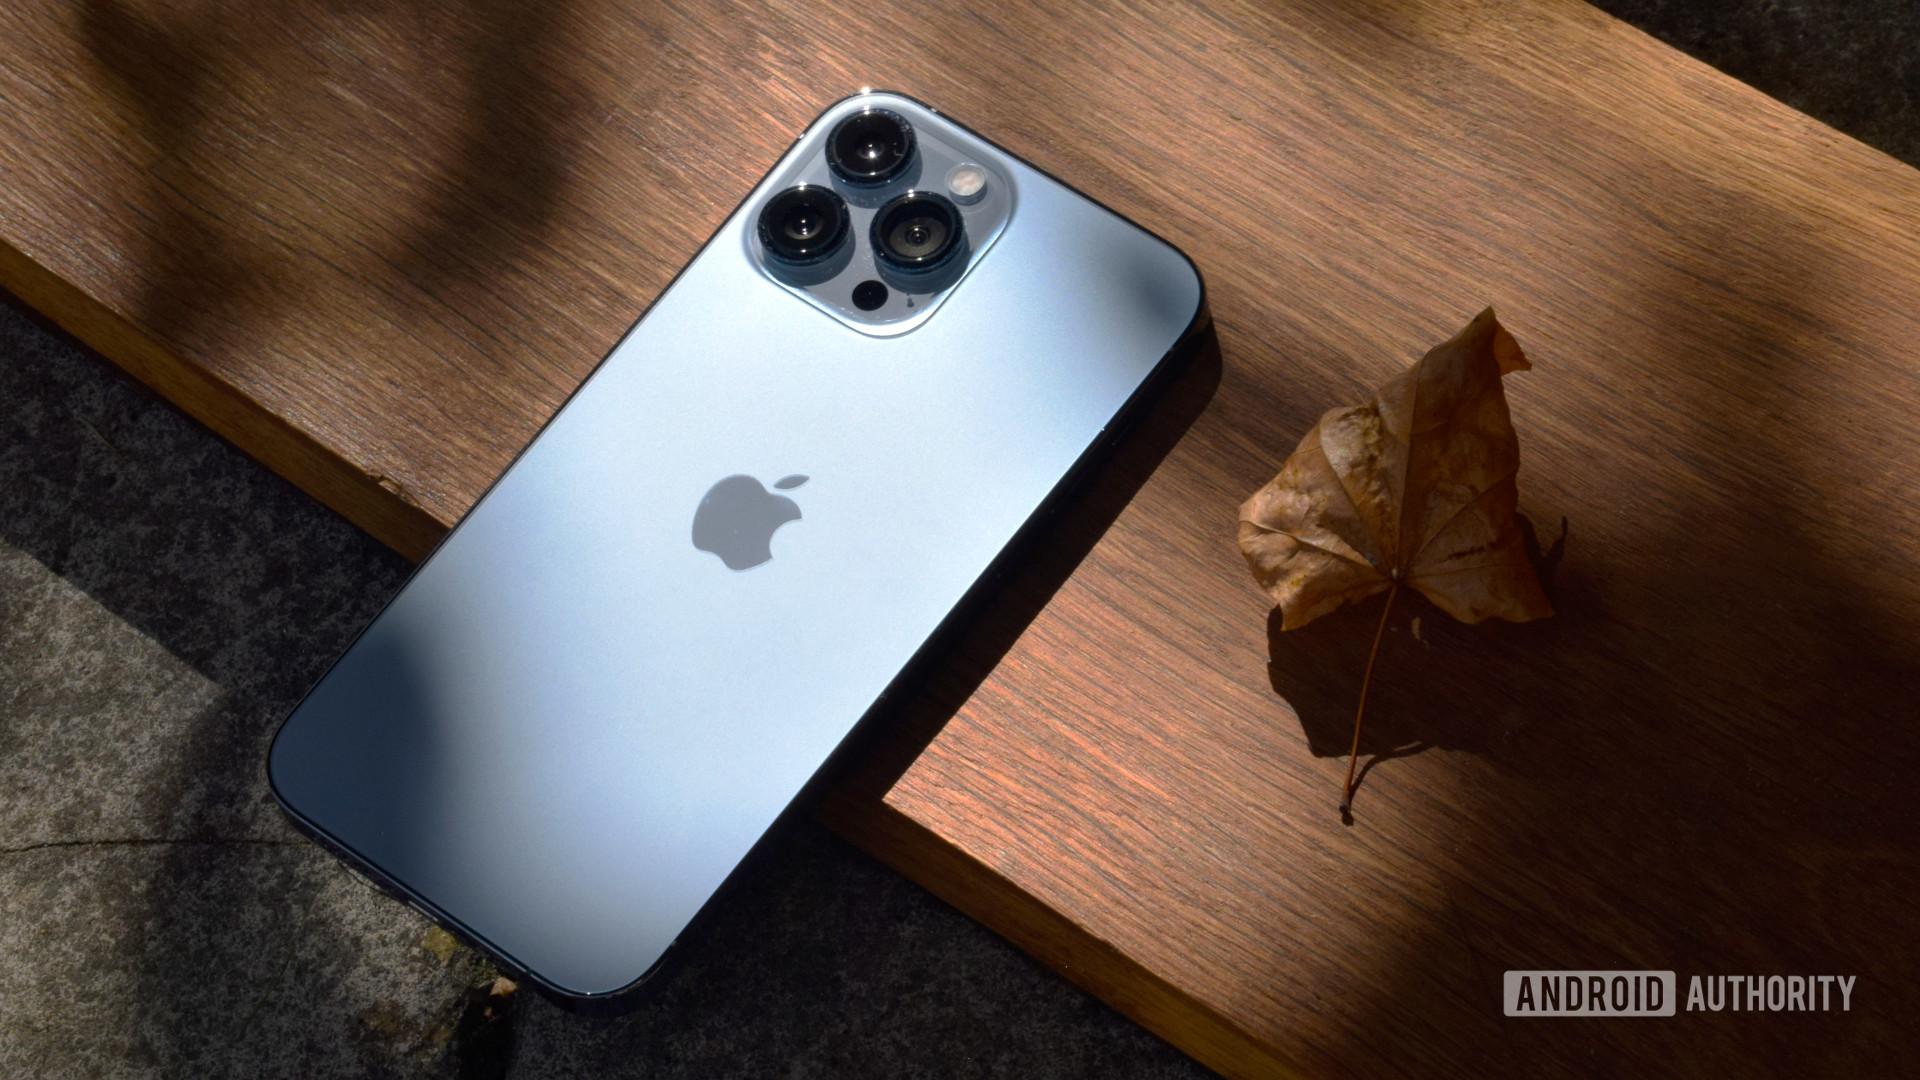 Apple iPhone 13 Pro Max hero image on wood 3